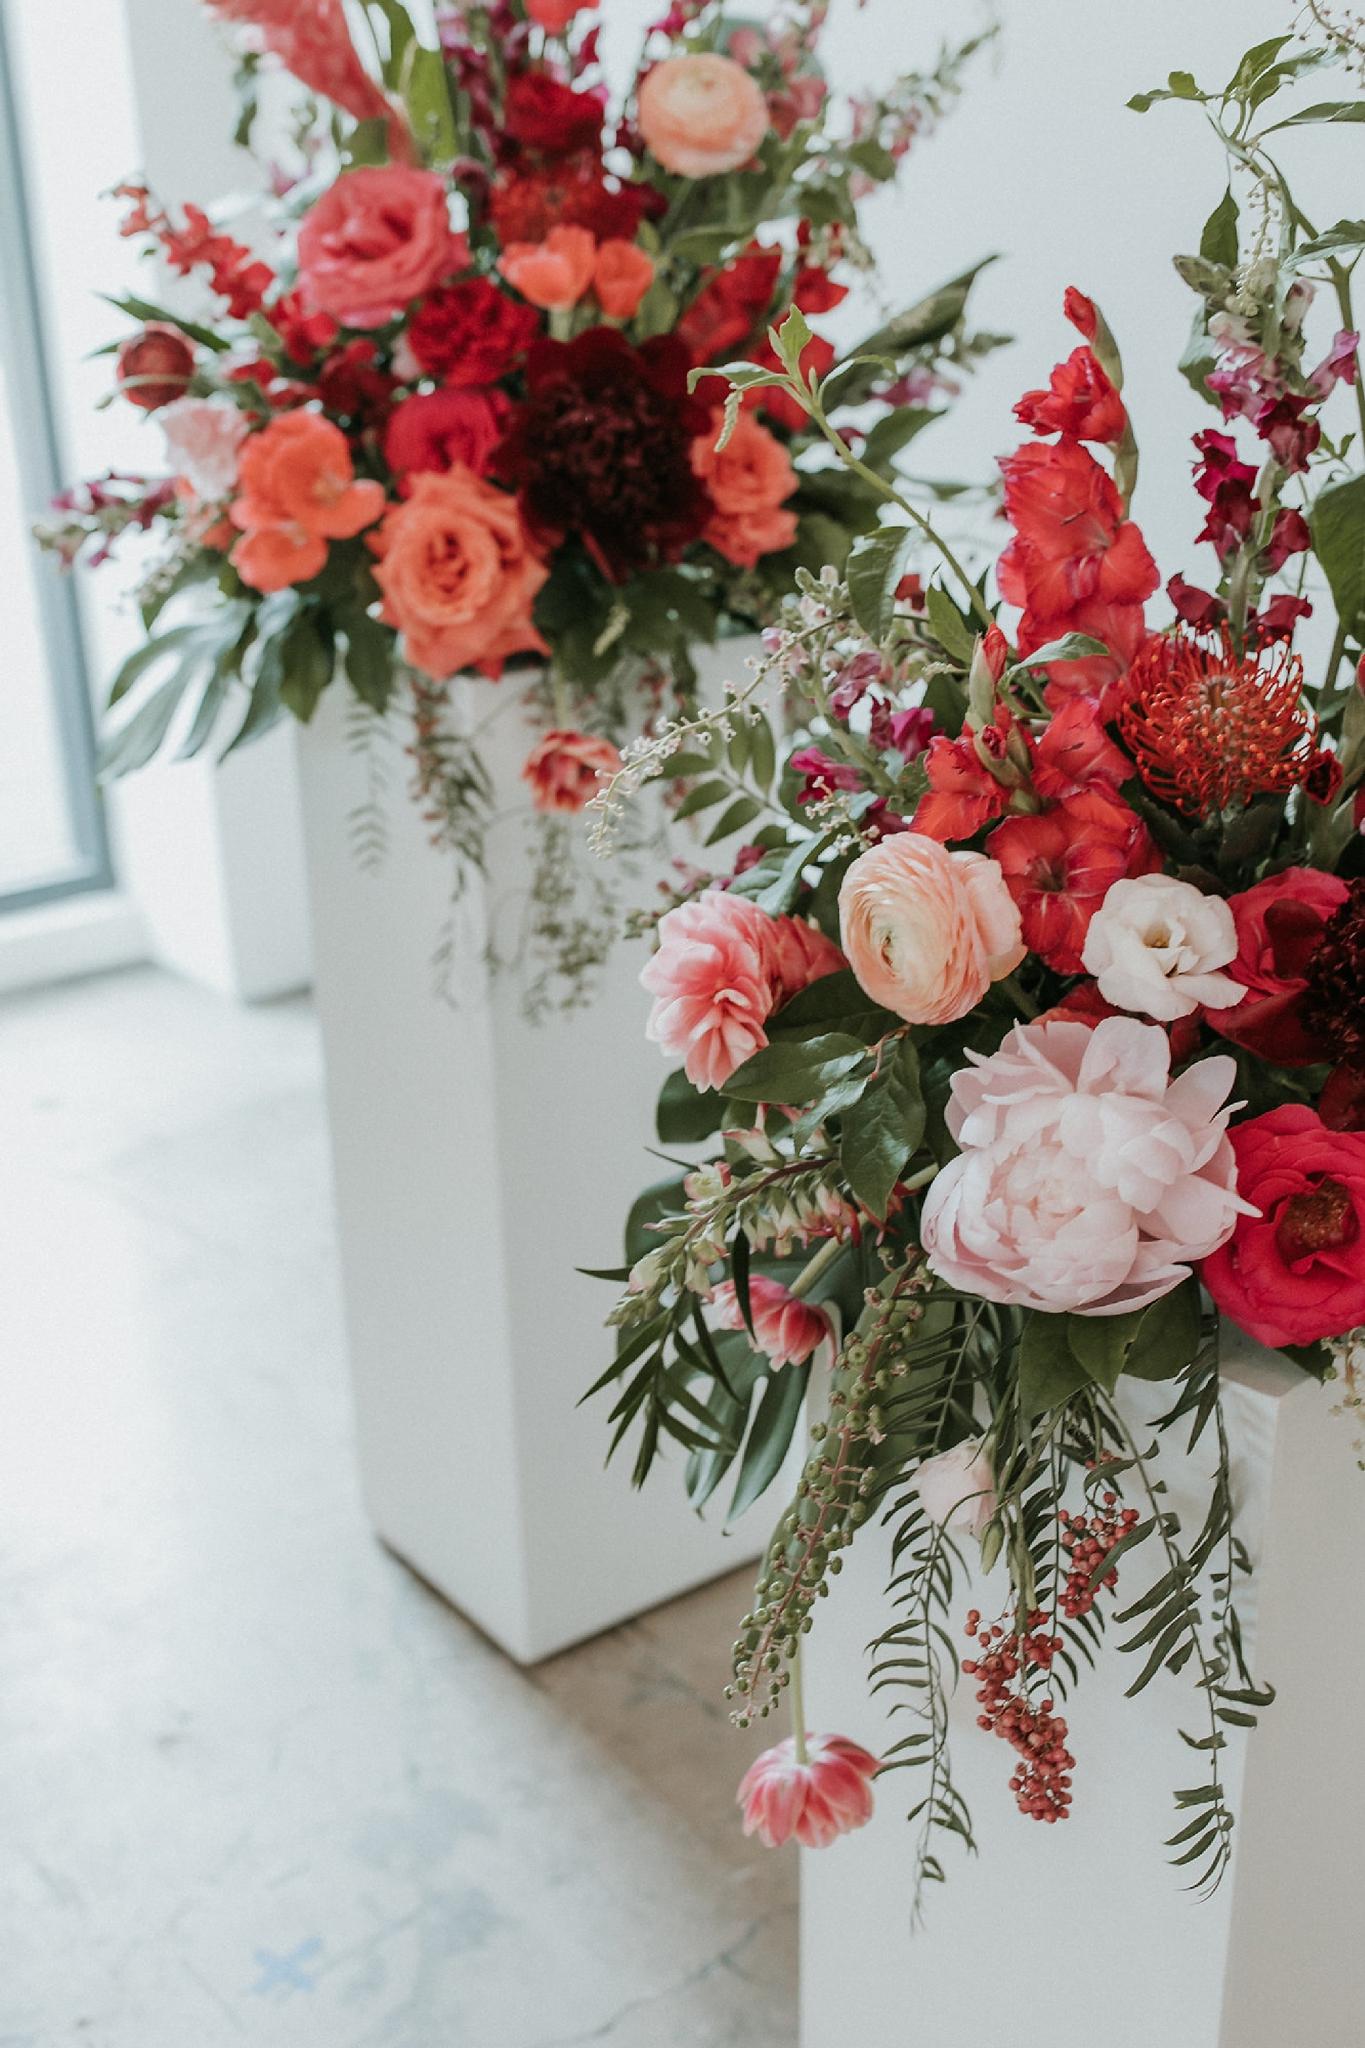 Alicia+lucia+photography+-+albuquerque+wedding+photographer+-+santa+fe+wedding+photography+-+new+mexico+wedding+photographer+-+wedding+ceremony+-+wedding+alter+-+floral+alter_0030.jpg